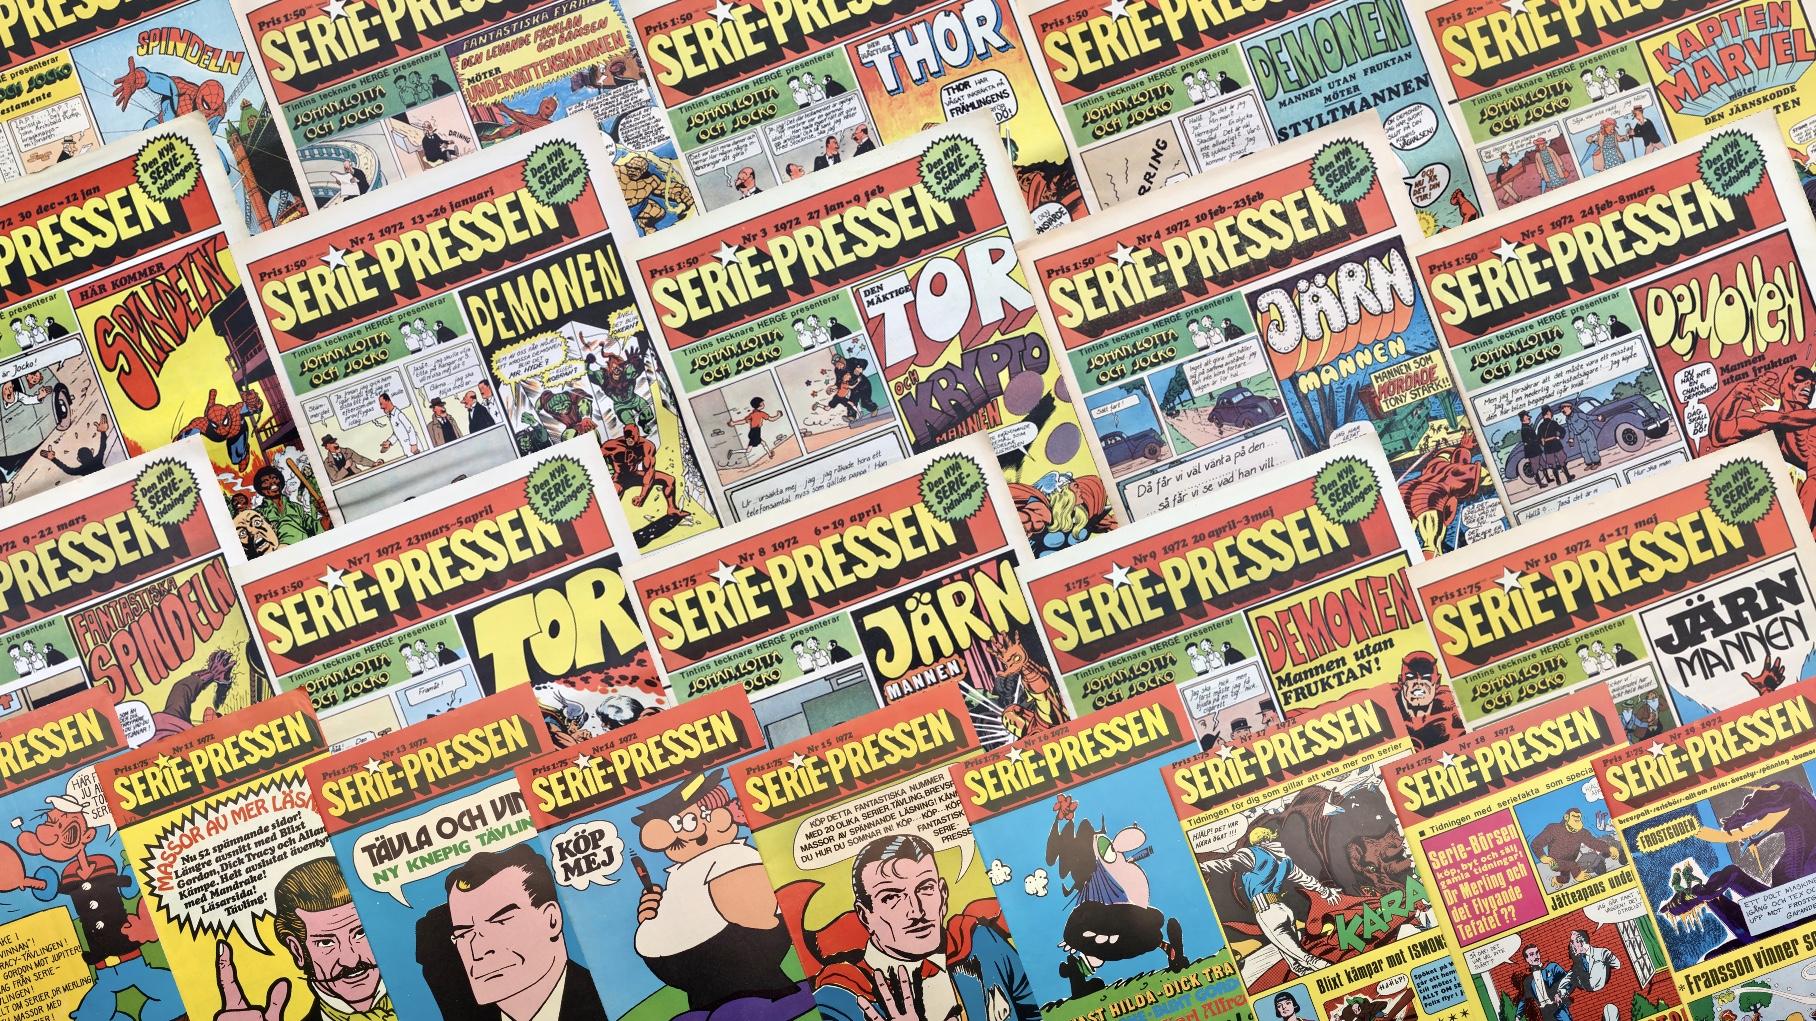 Seriepressen 1971-72